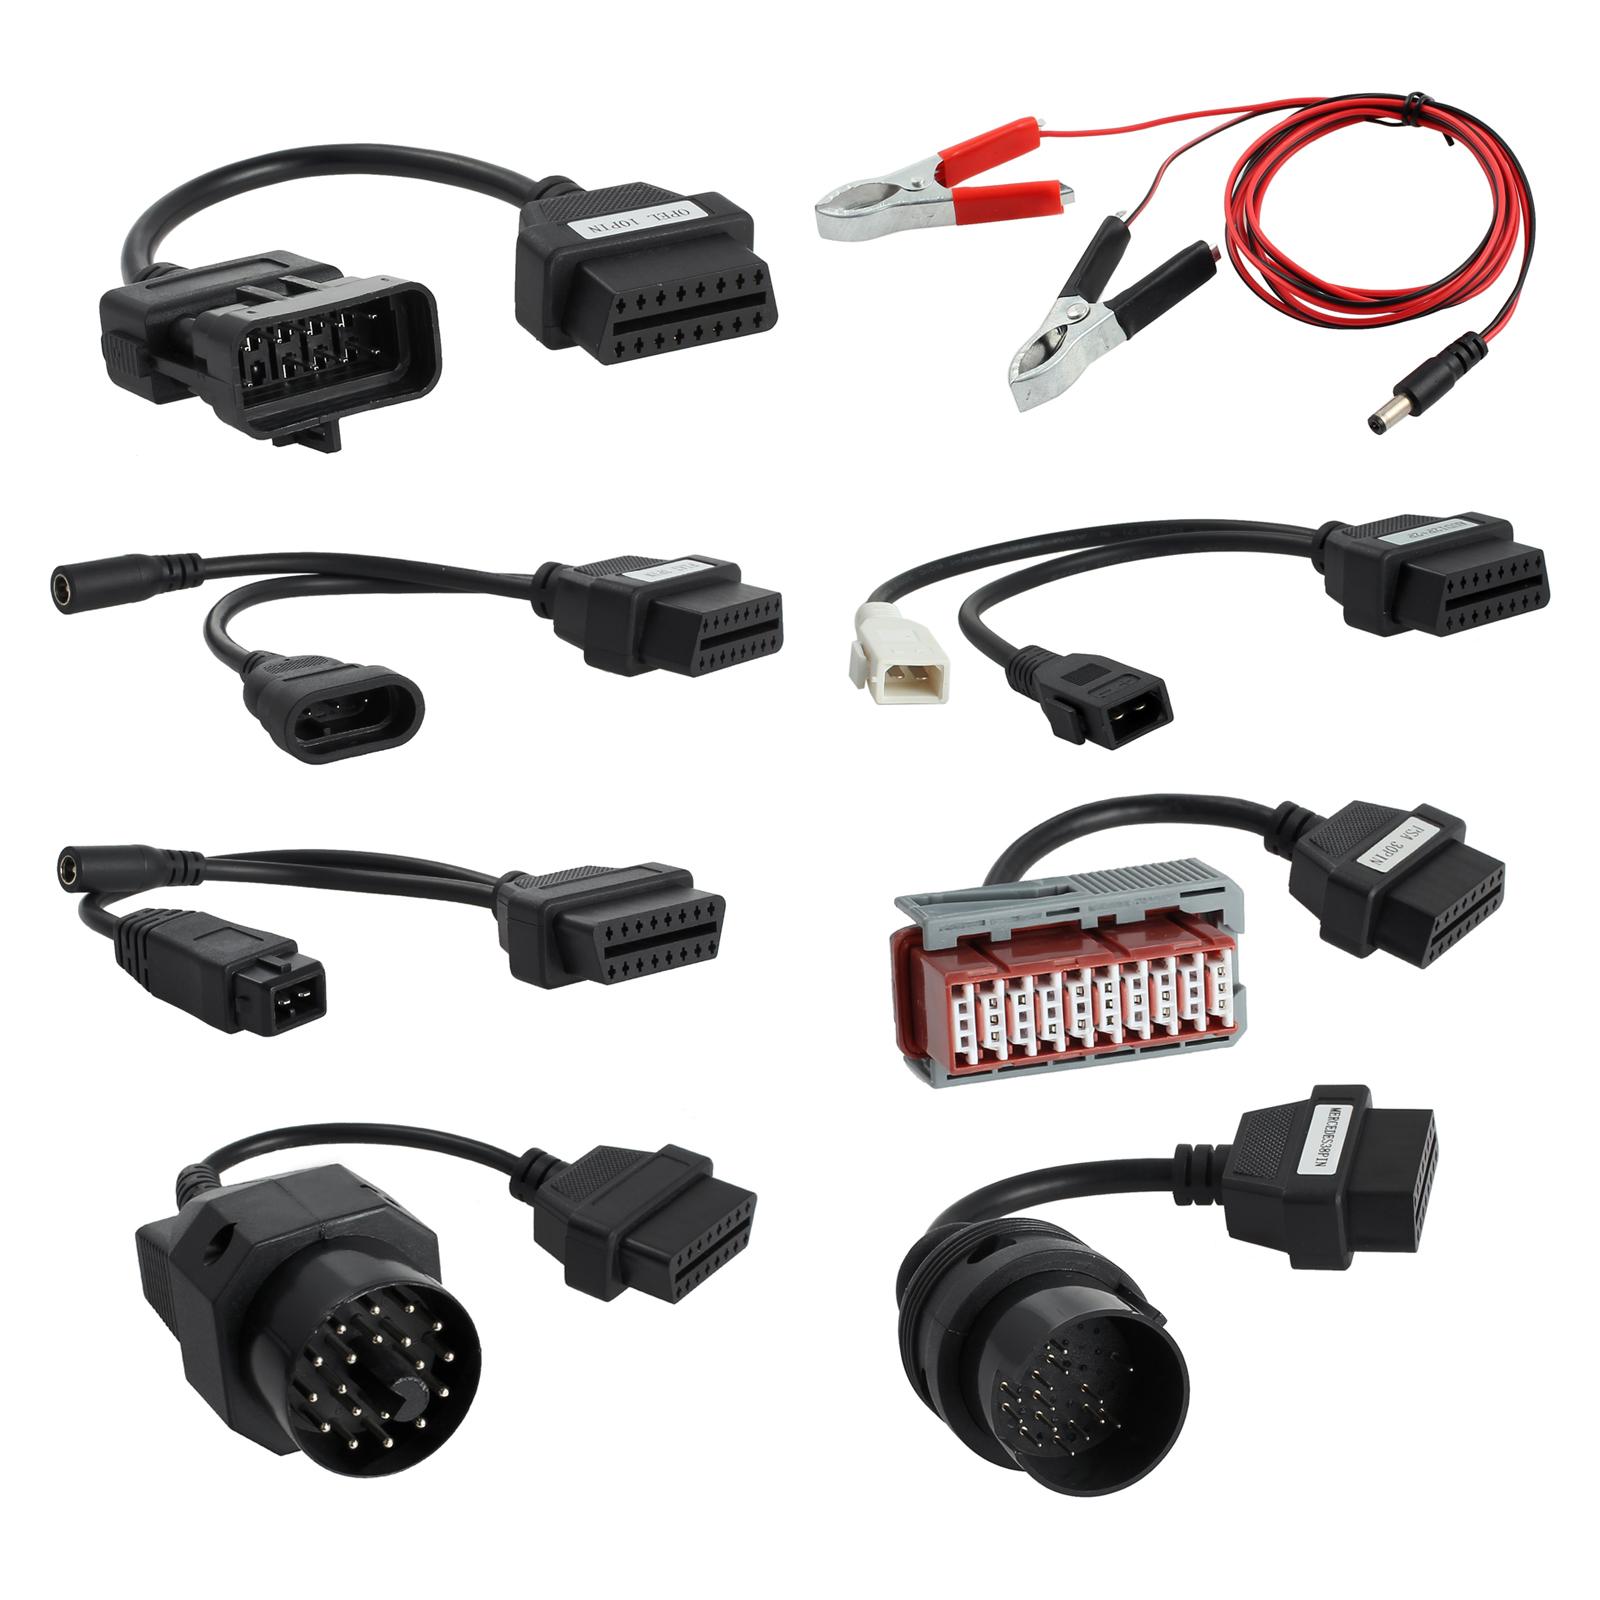 8er Diagnose Adapter Kabel Stecker OBD 2 II Diagnosegerät LKW KFZ ...